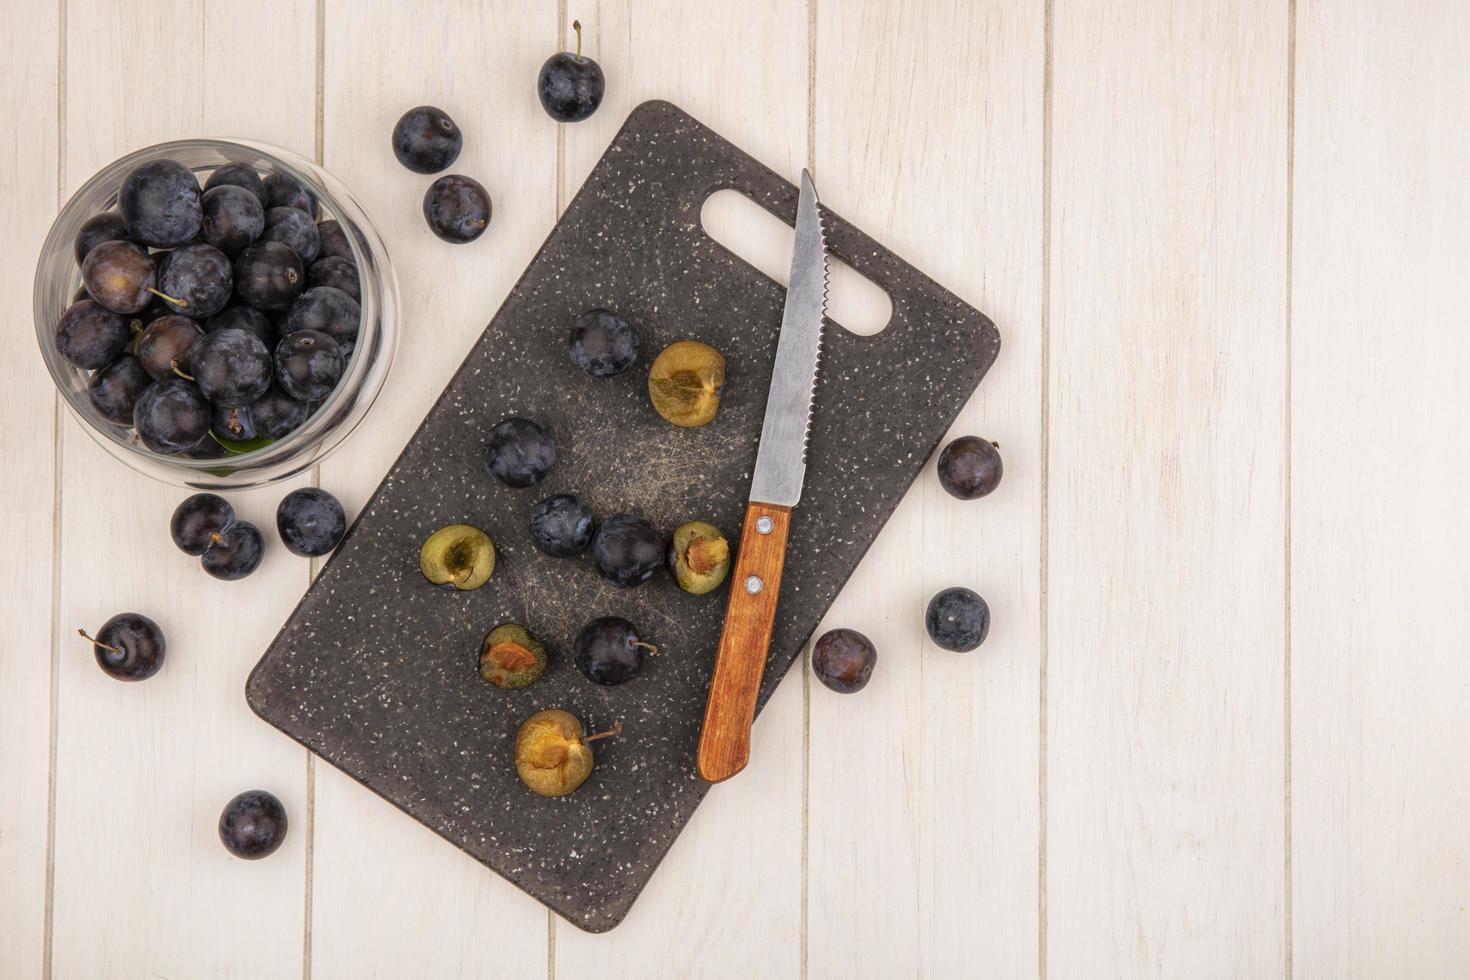 donkere bessen op een keuken snijplank foto